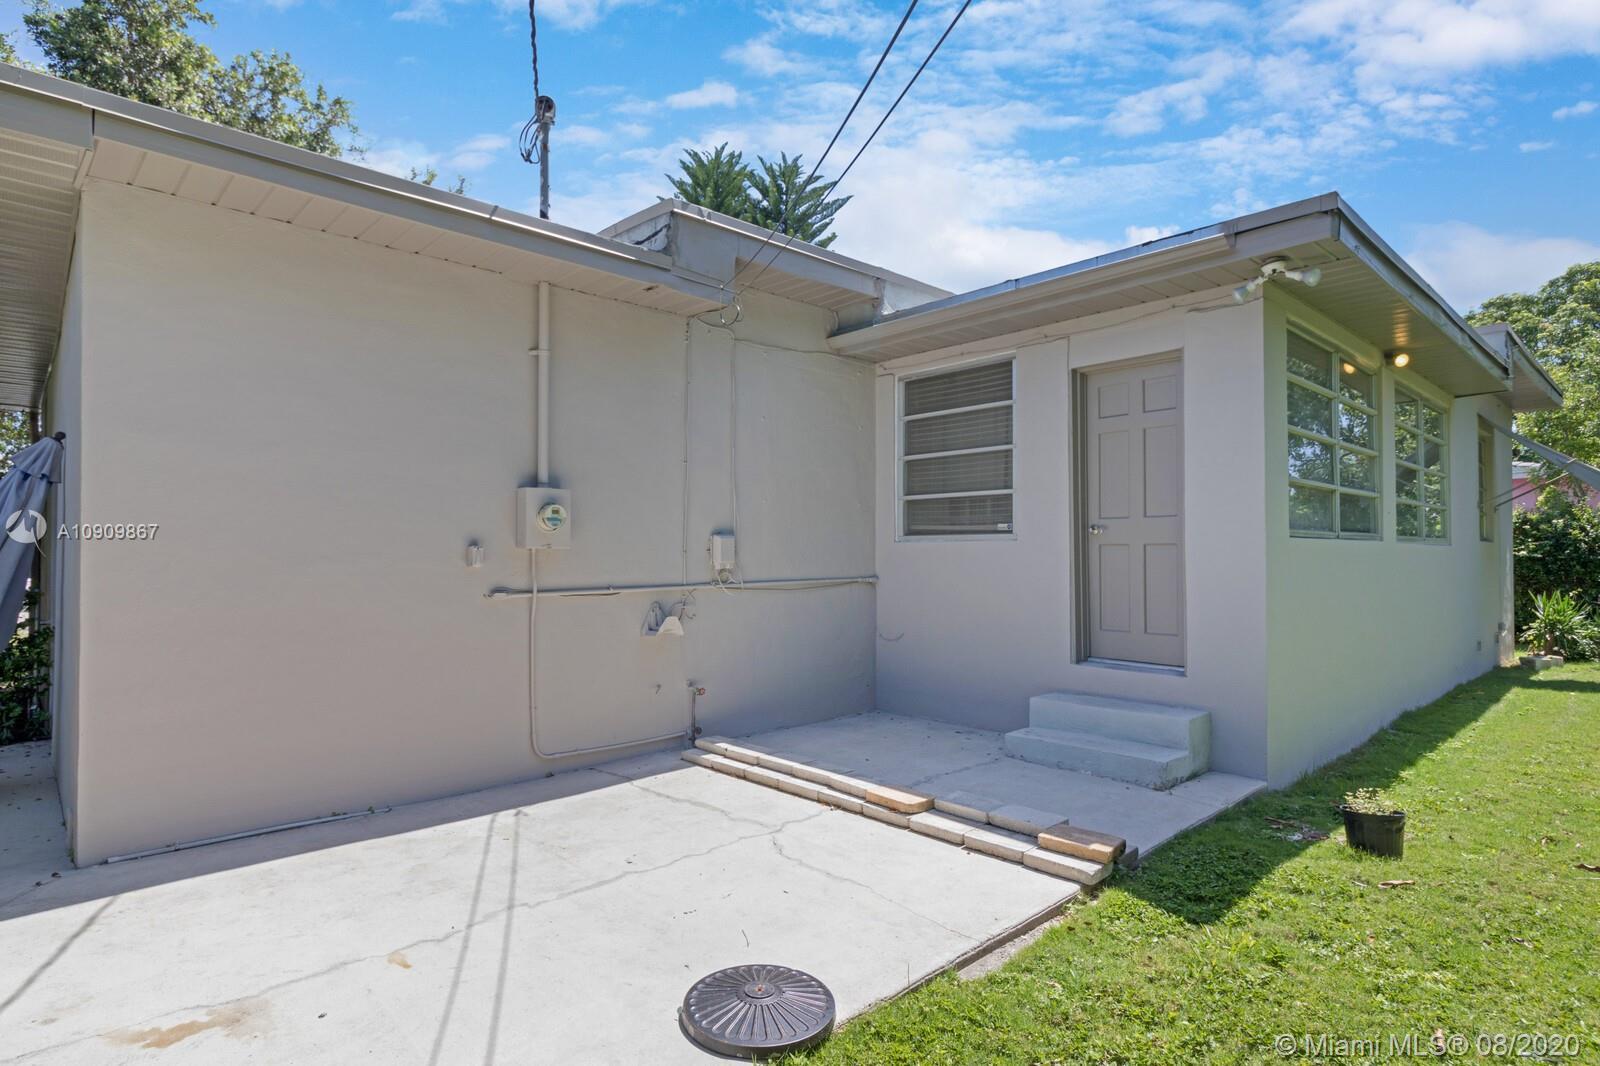 South Miami # photo17